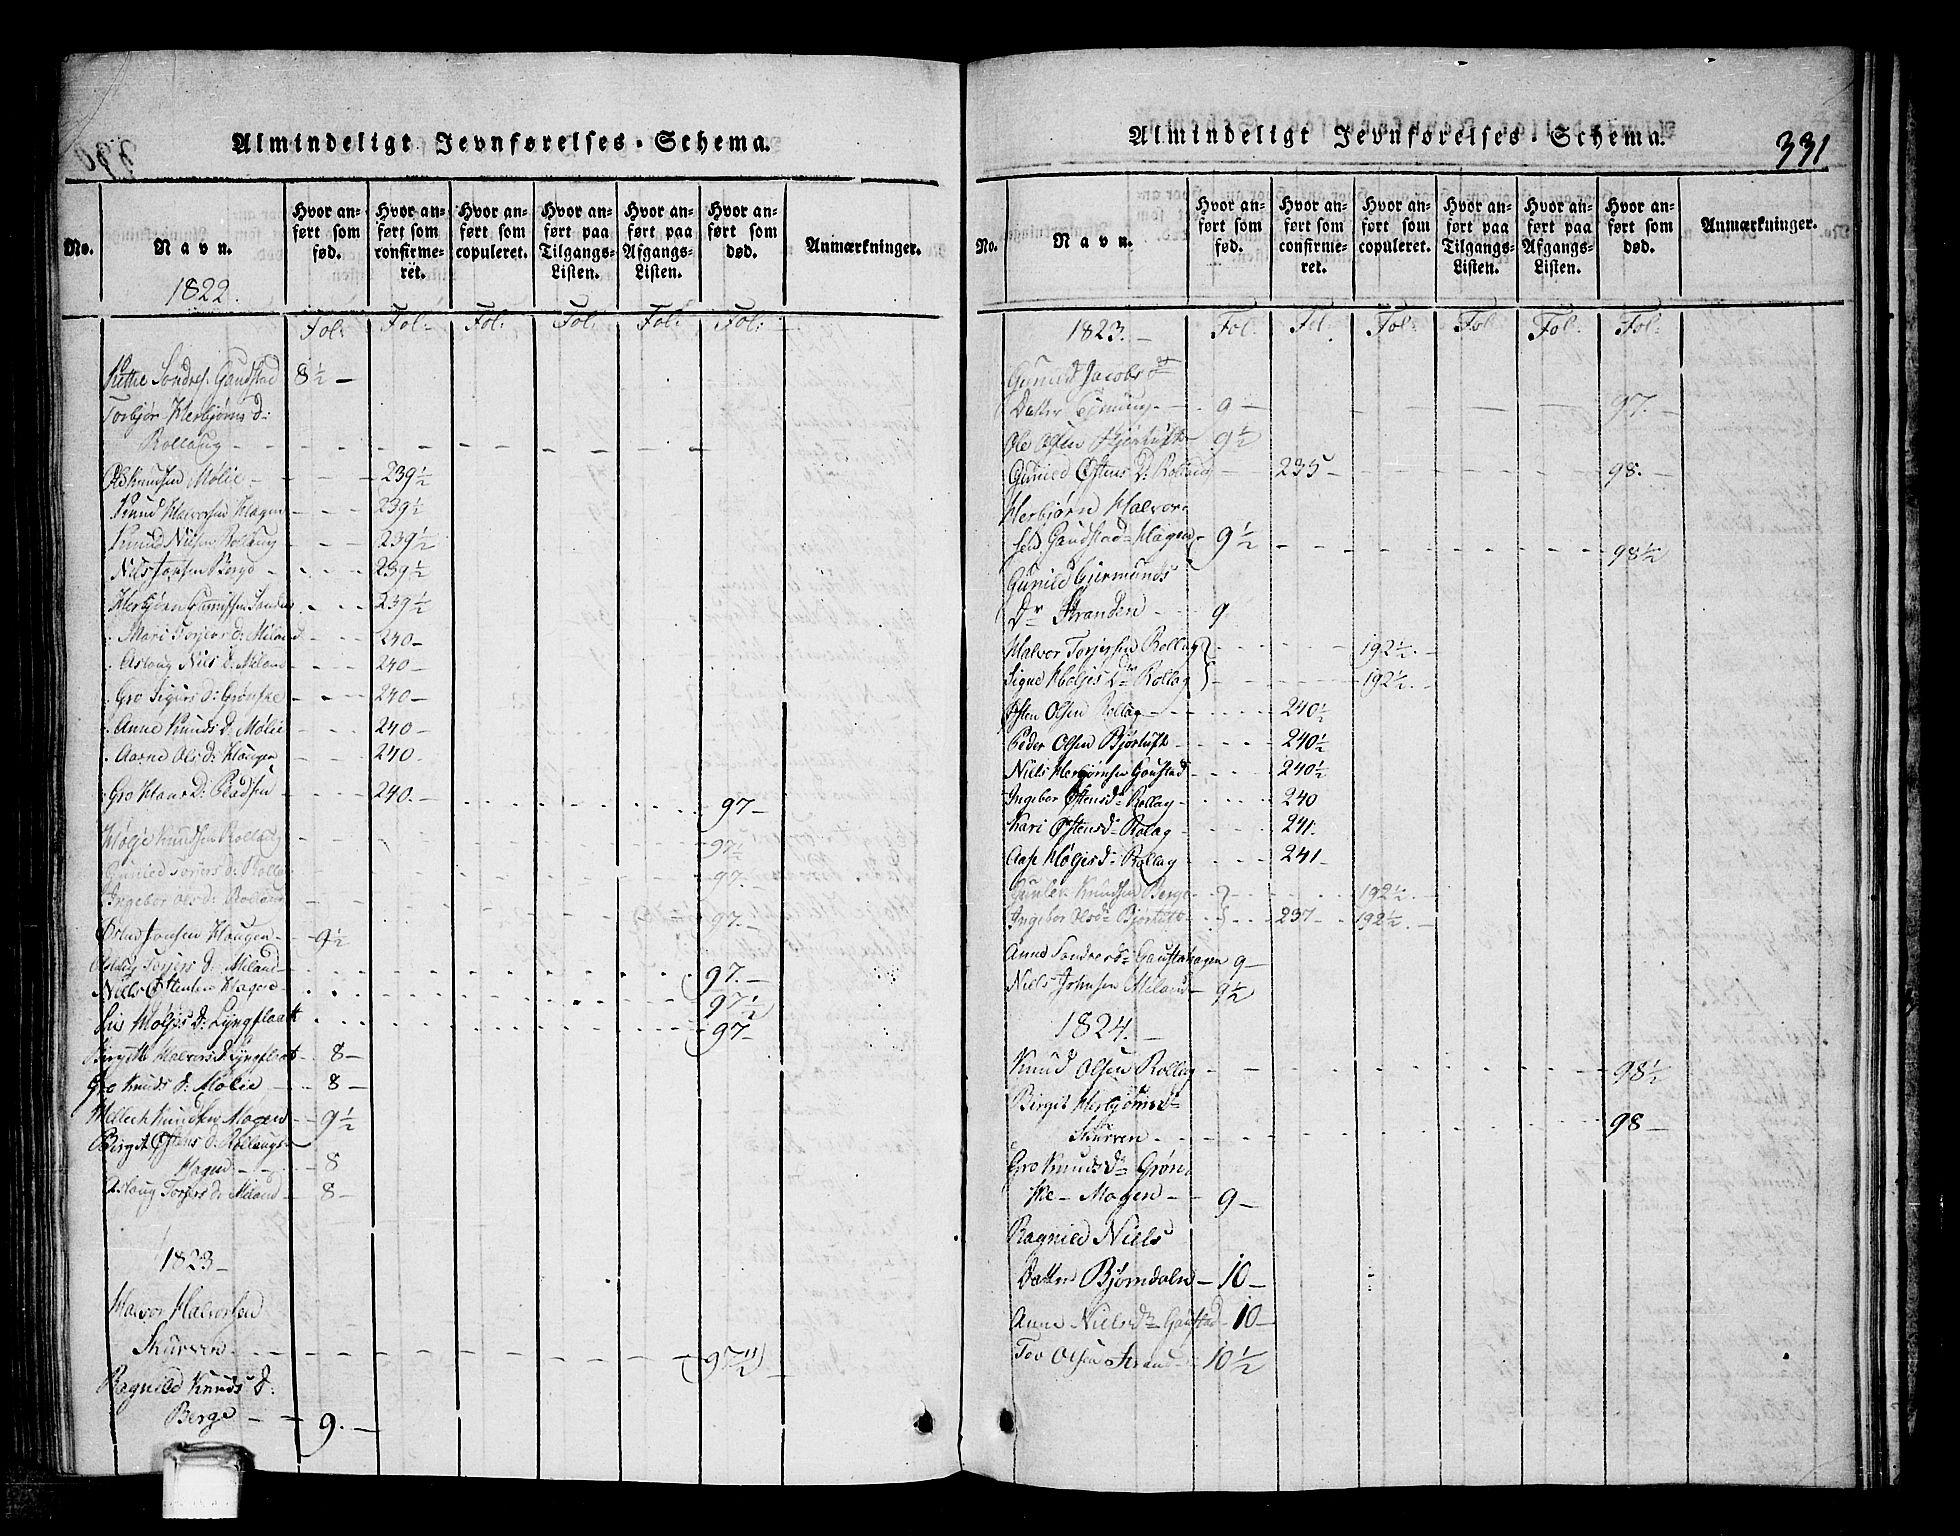 SAKO, Tinn kirkebøker, G/Gb/L0001: Klokkerbok nr. II 1 /1, 1815-1850, s. 331